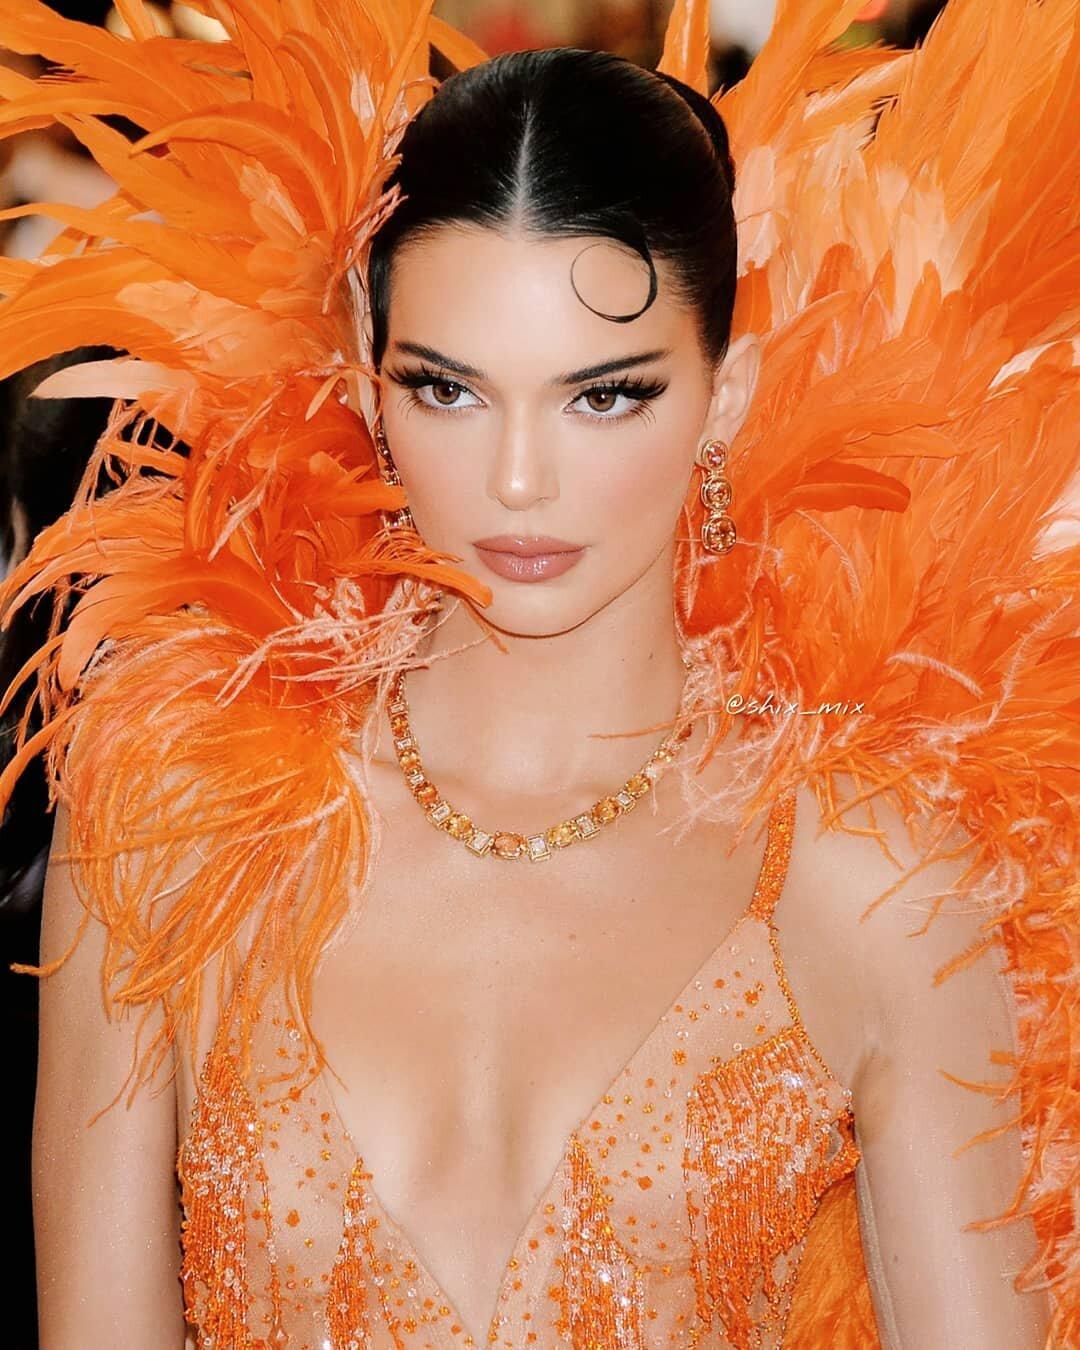 Victoria Secret model Kendall Jenner